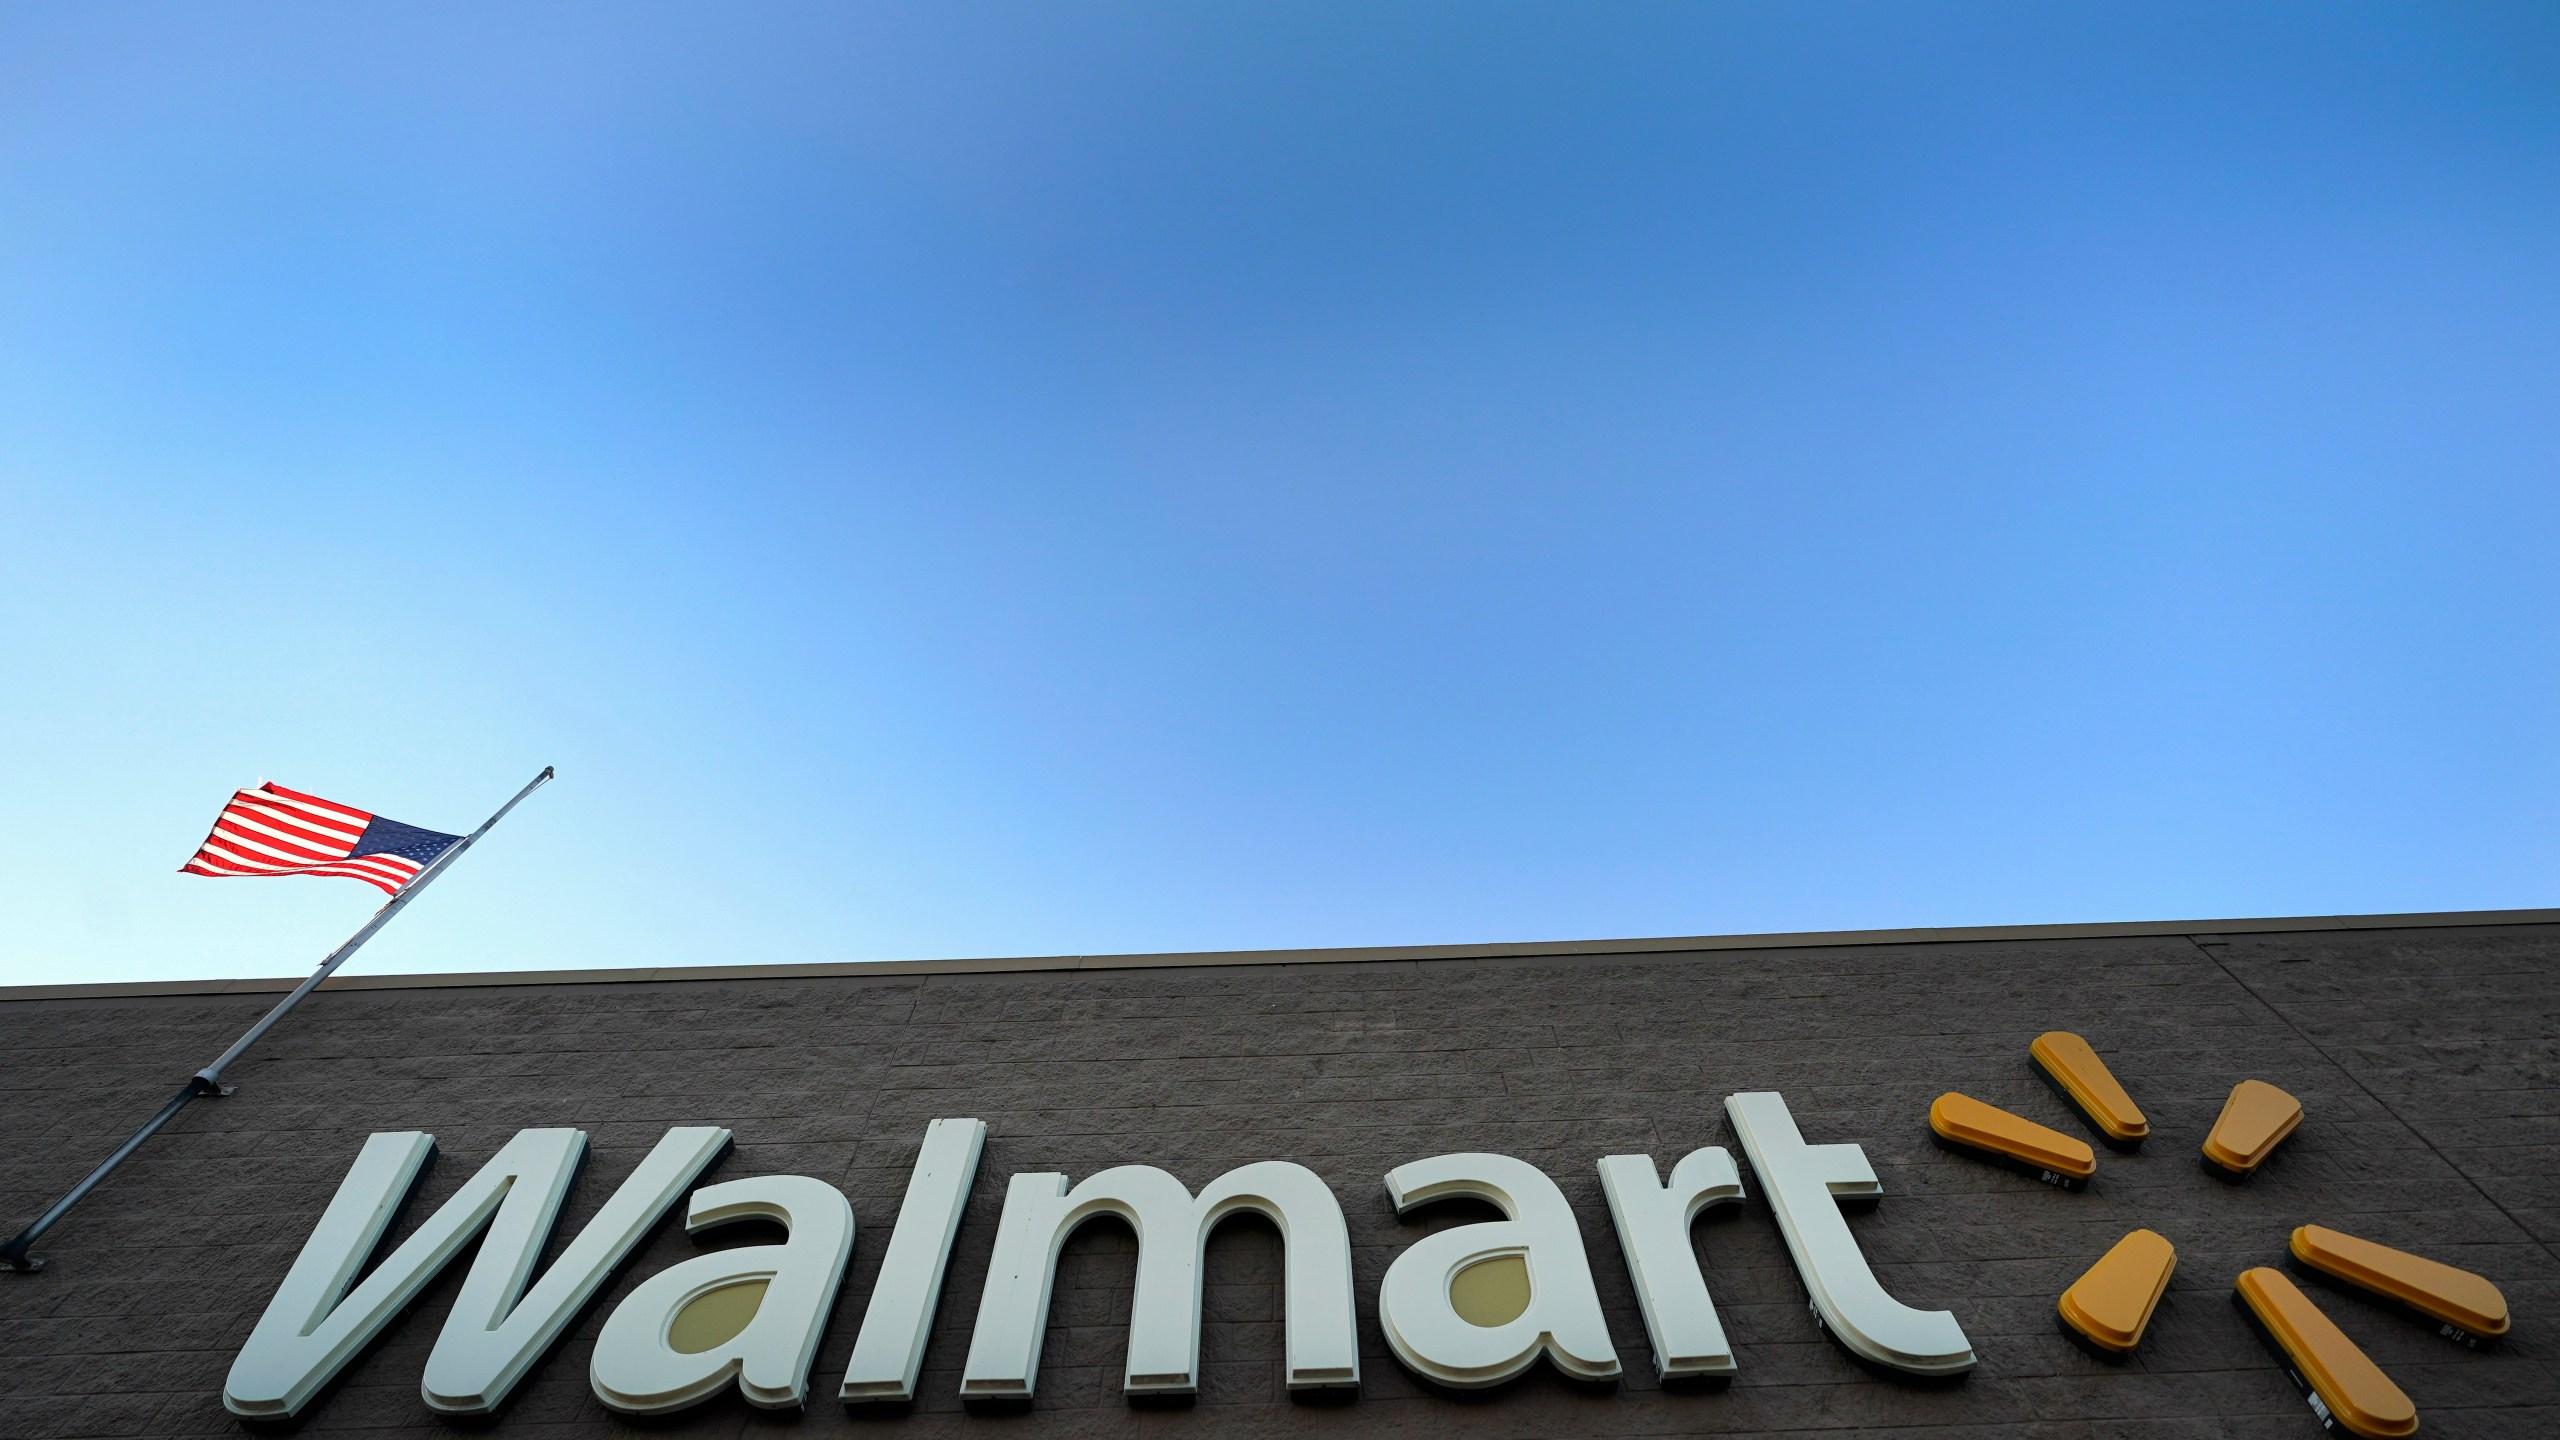 Walmart_Settlement_65591-159532.jpg47504385